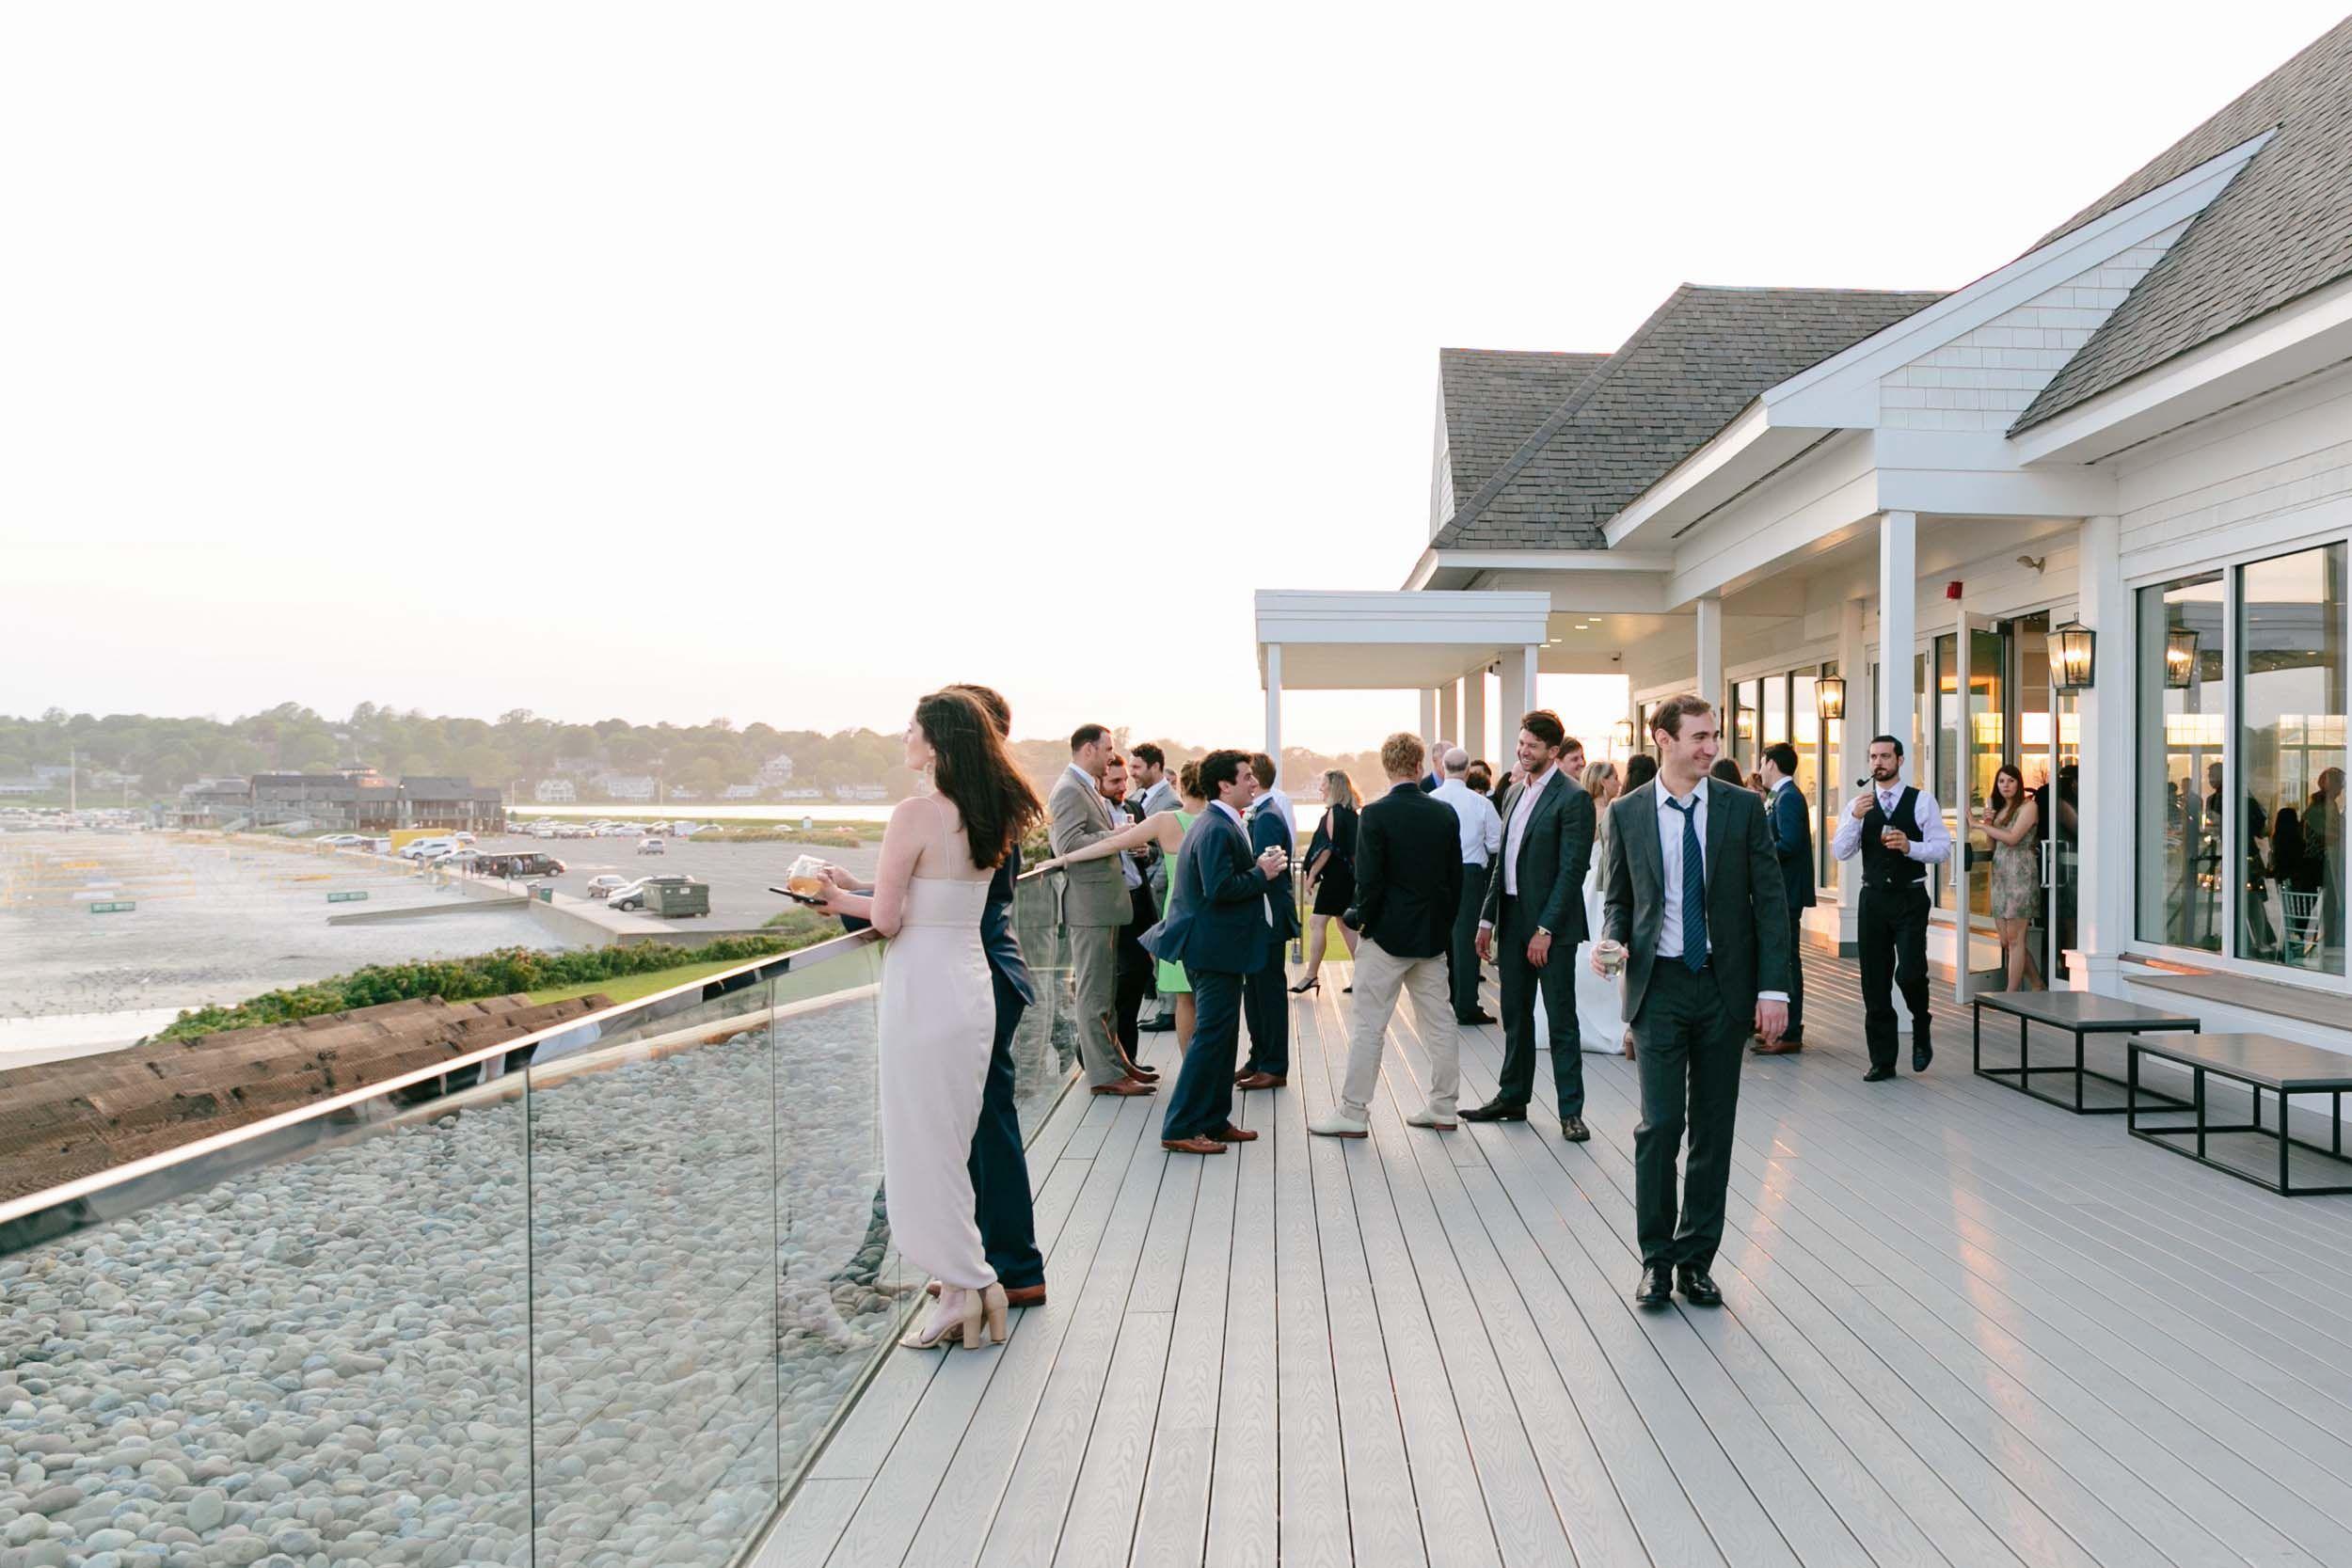 Newport Beach House Venue Inspiration Pinterest Newport Beach